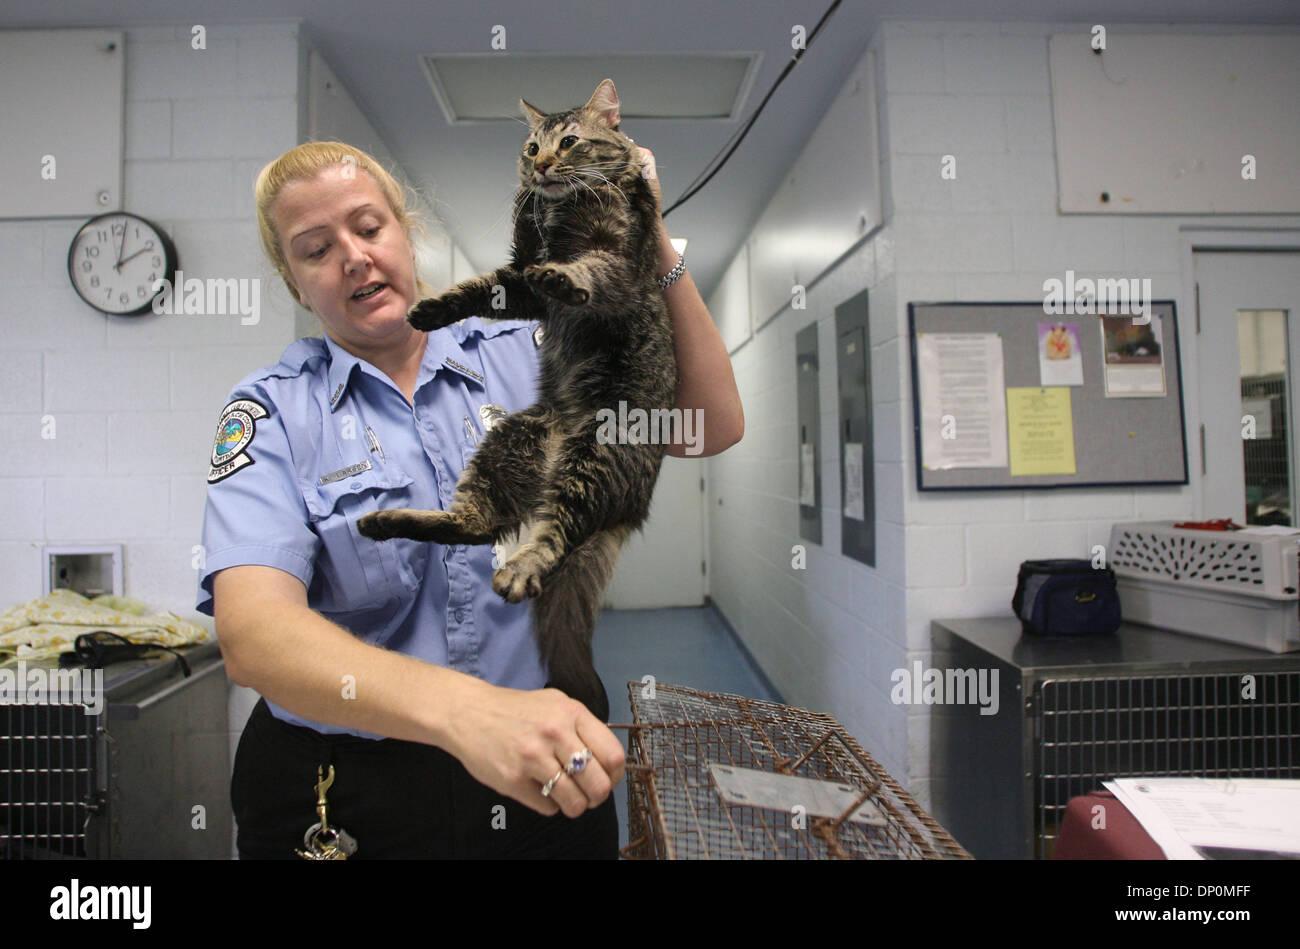 Mar 27 2006 Palm Beach Fl Usa Animal Control Officer Karen